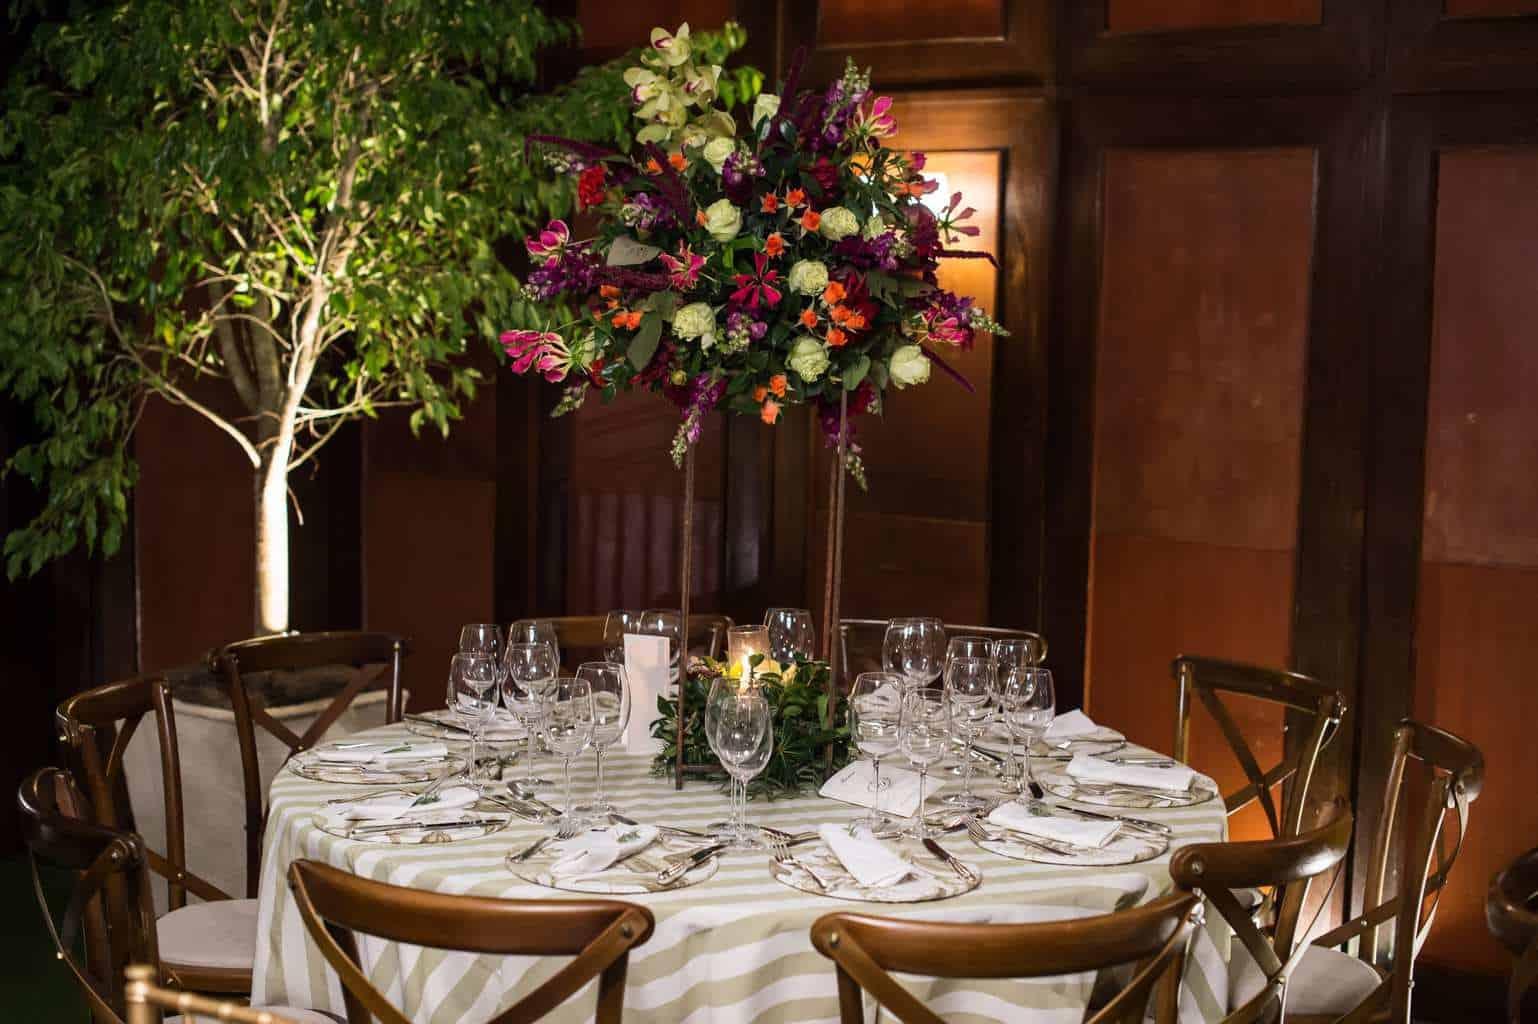 casamento-fernanda-e-leandro-casamento-sp-Fotografia-Produtora-7-casamento-clássico-casamento-tradicional-wedding-41